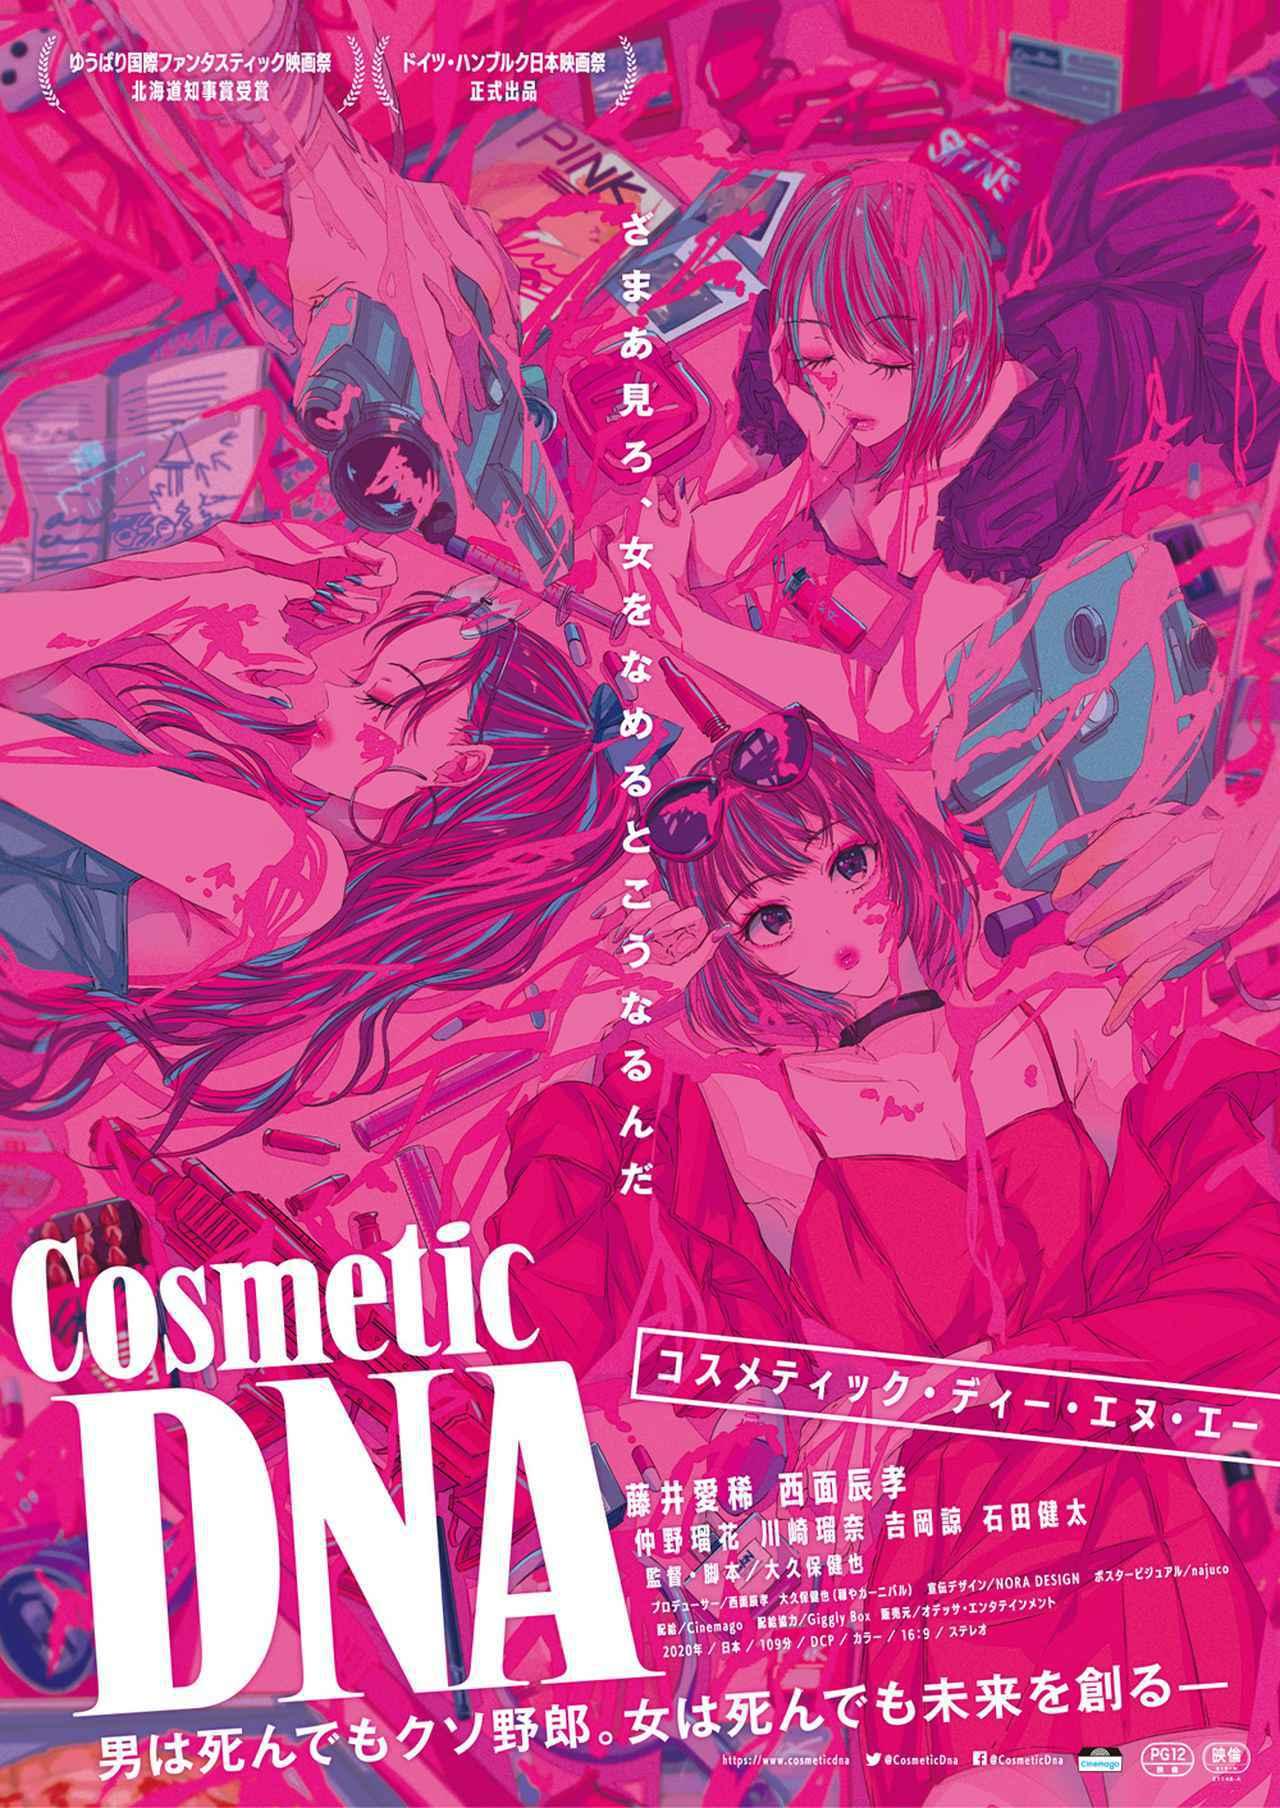 画像6: 予測のつかないストーリ―と強烈なキャラクターたちが彩る映画『Cosmetic DNA』で、ひと際繊細な芝居を魅せた「川崎瑠奈」にインタビュー